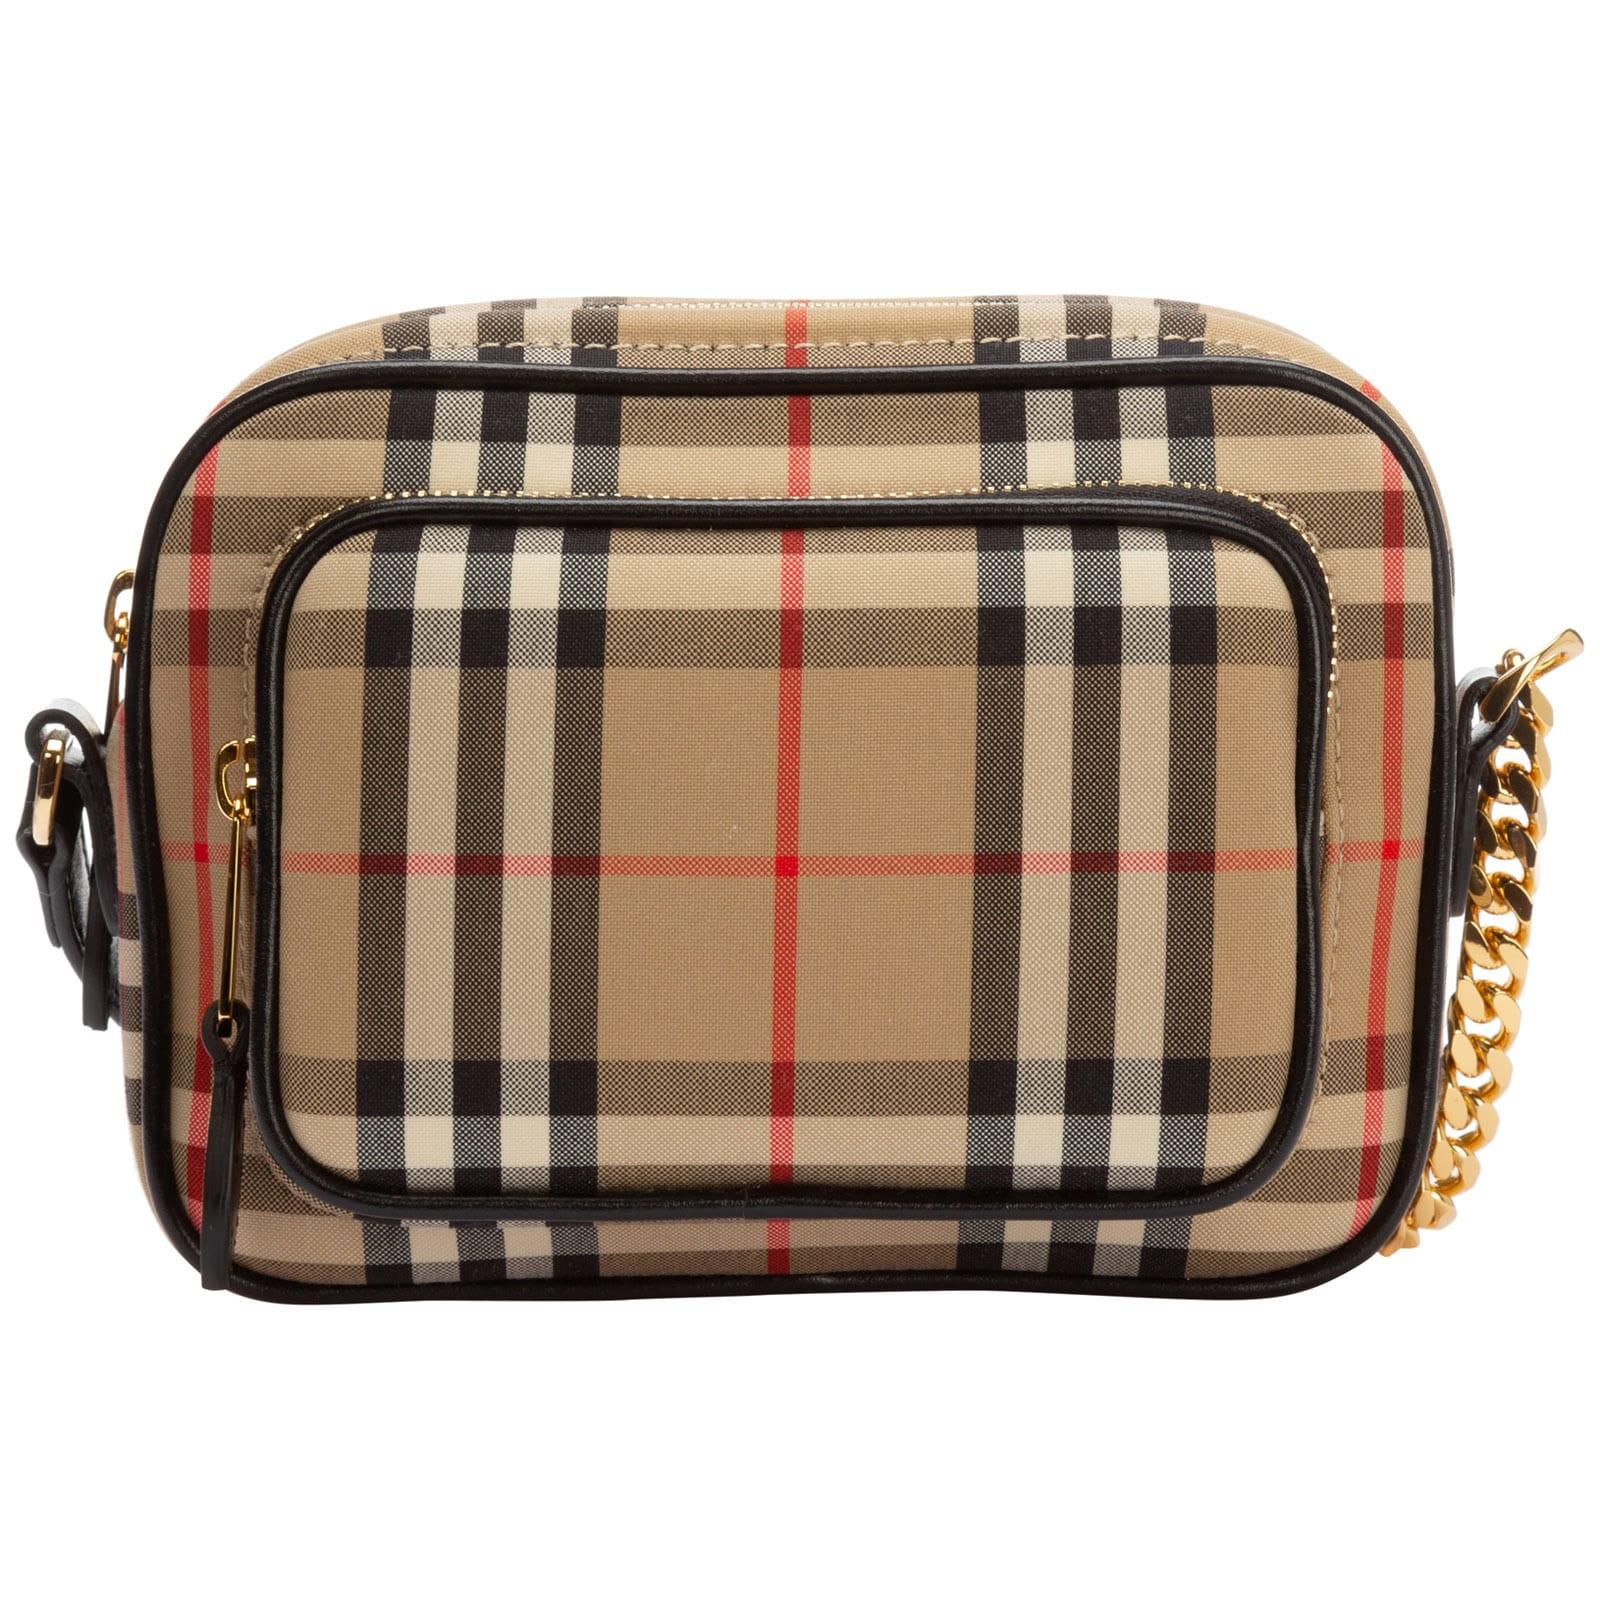 Burberry Shoulder bags CAMERA SHOULDER BAG